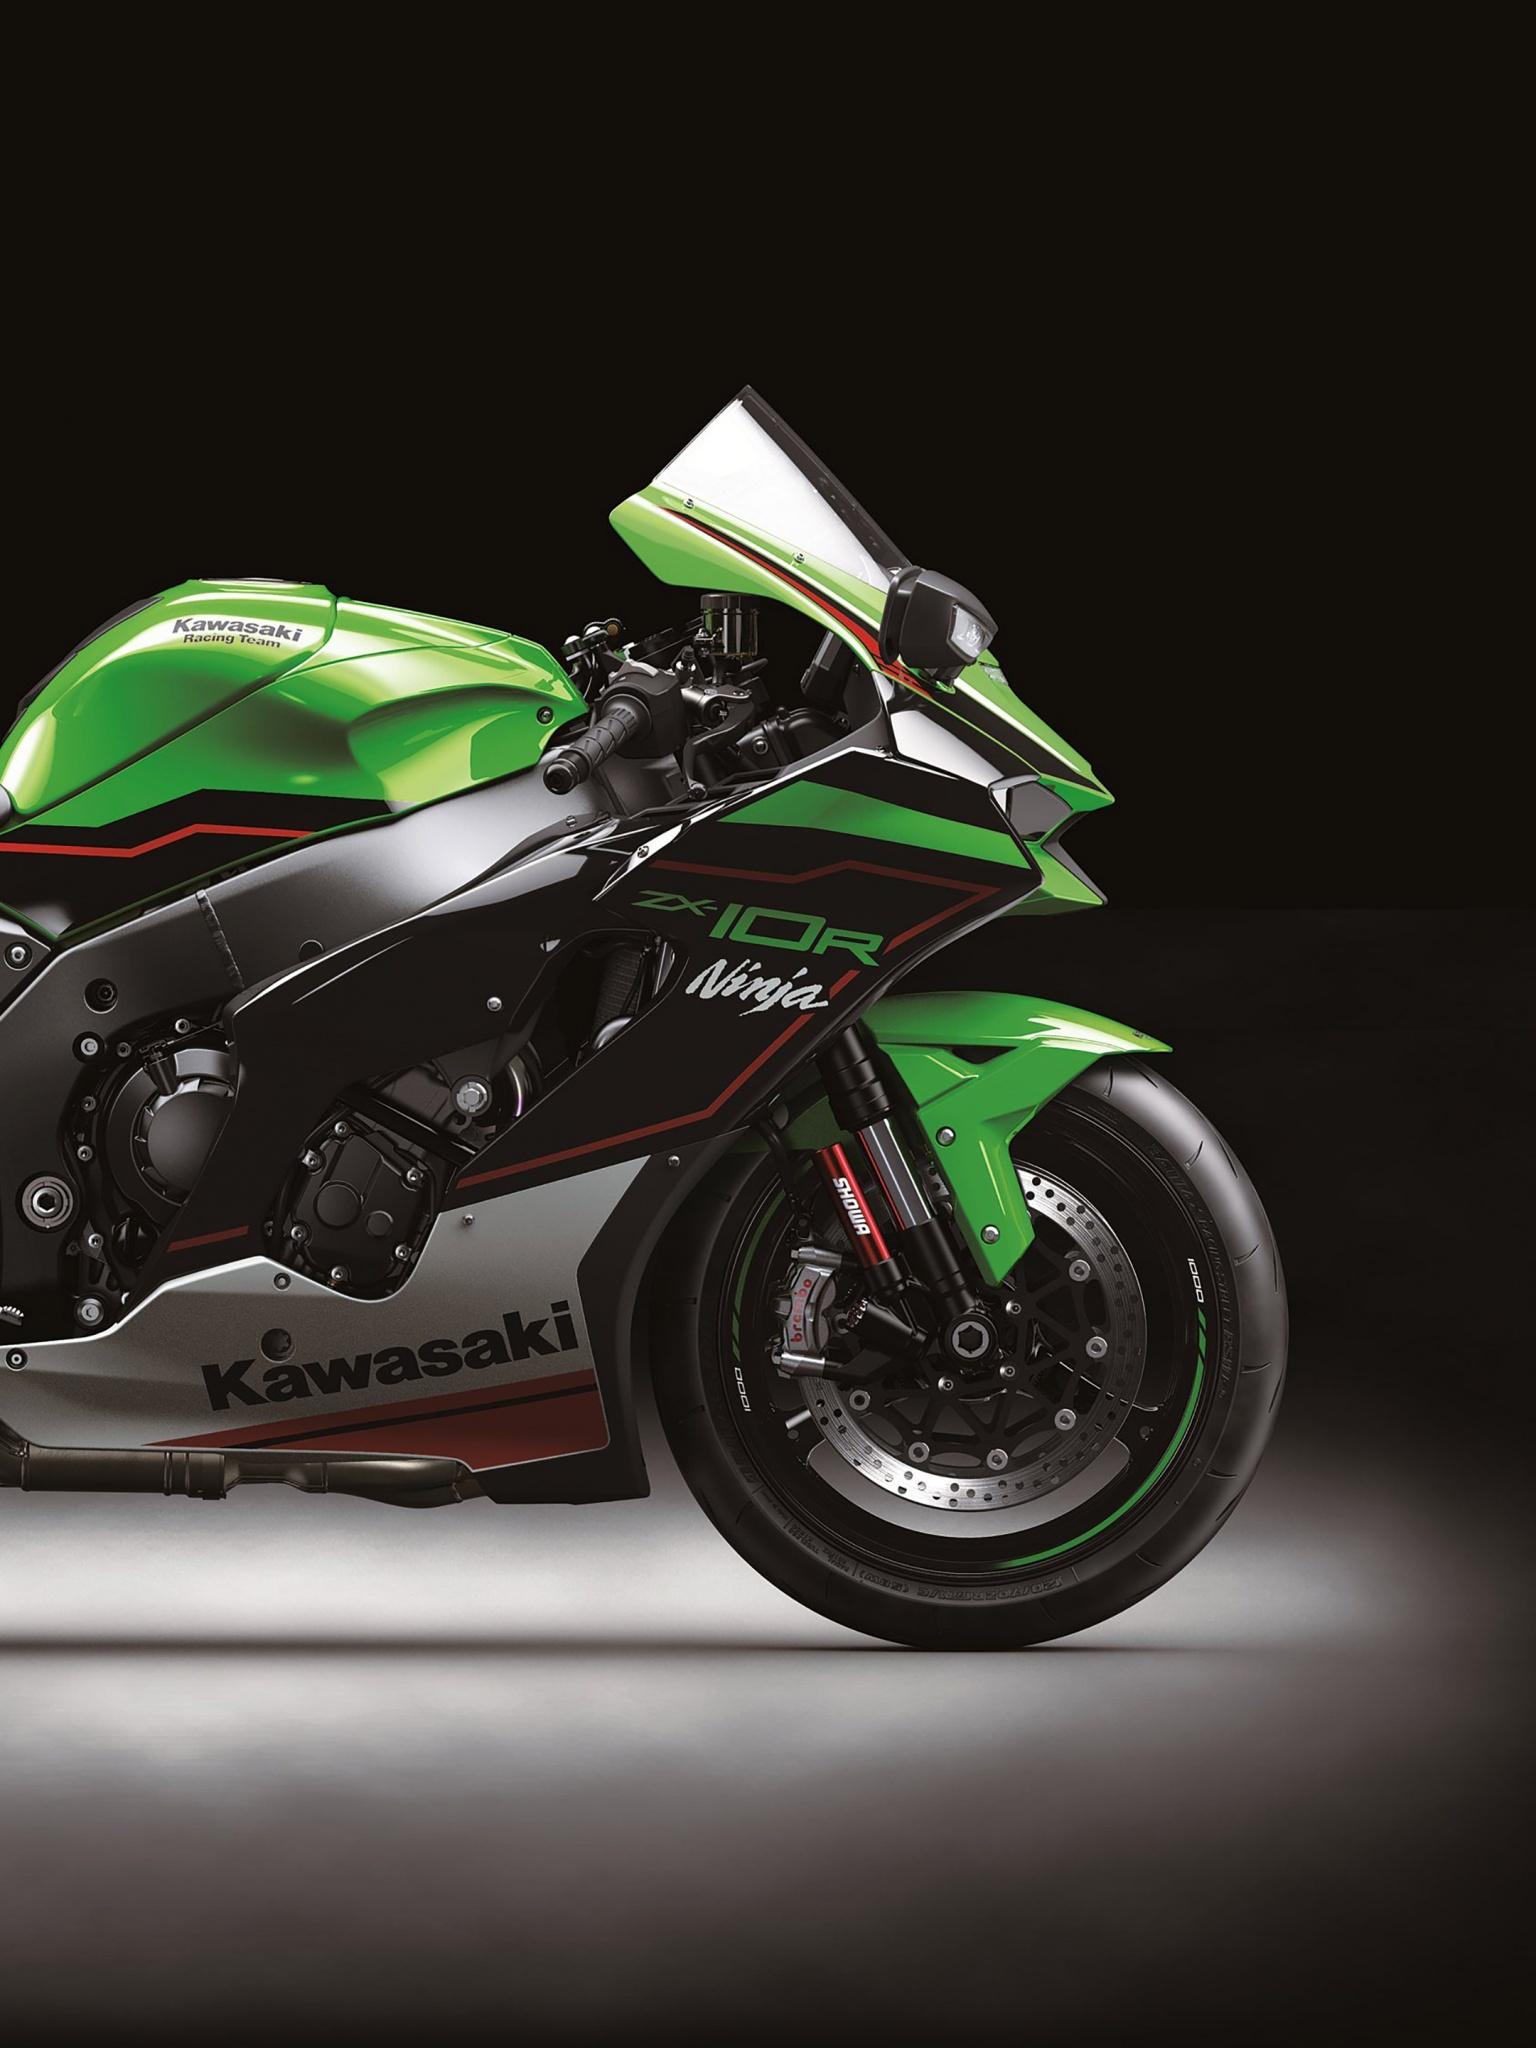 Kawasaki Ninja Zx 10r 4k Wallpaper Sports Bikes 2021 Bikes 3433